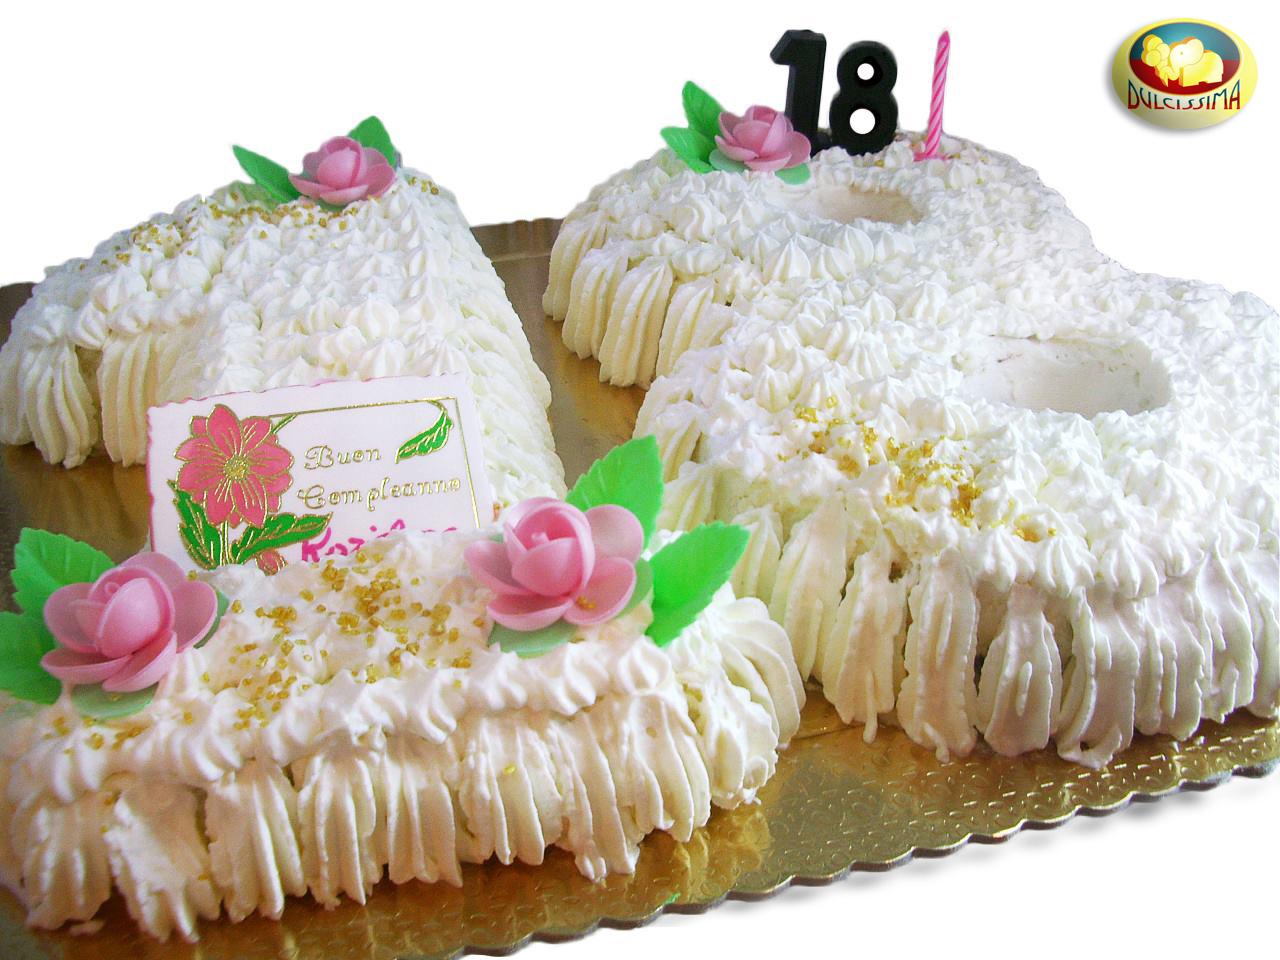 Cakes Dulcissima